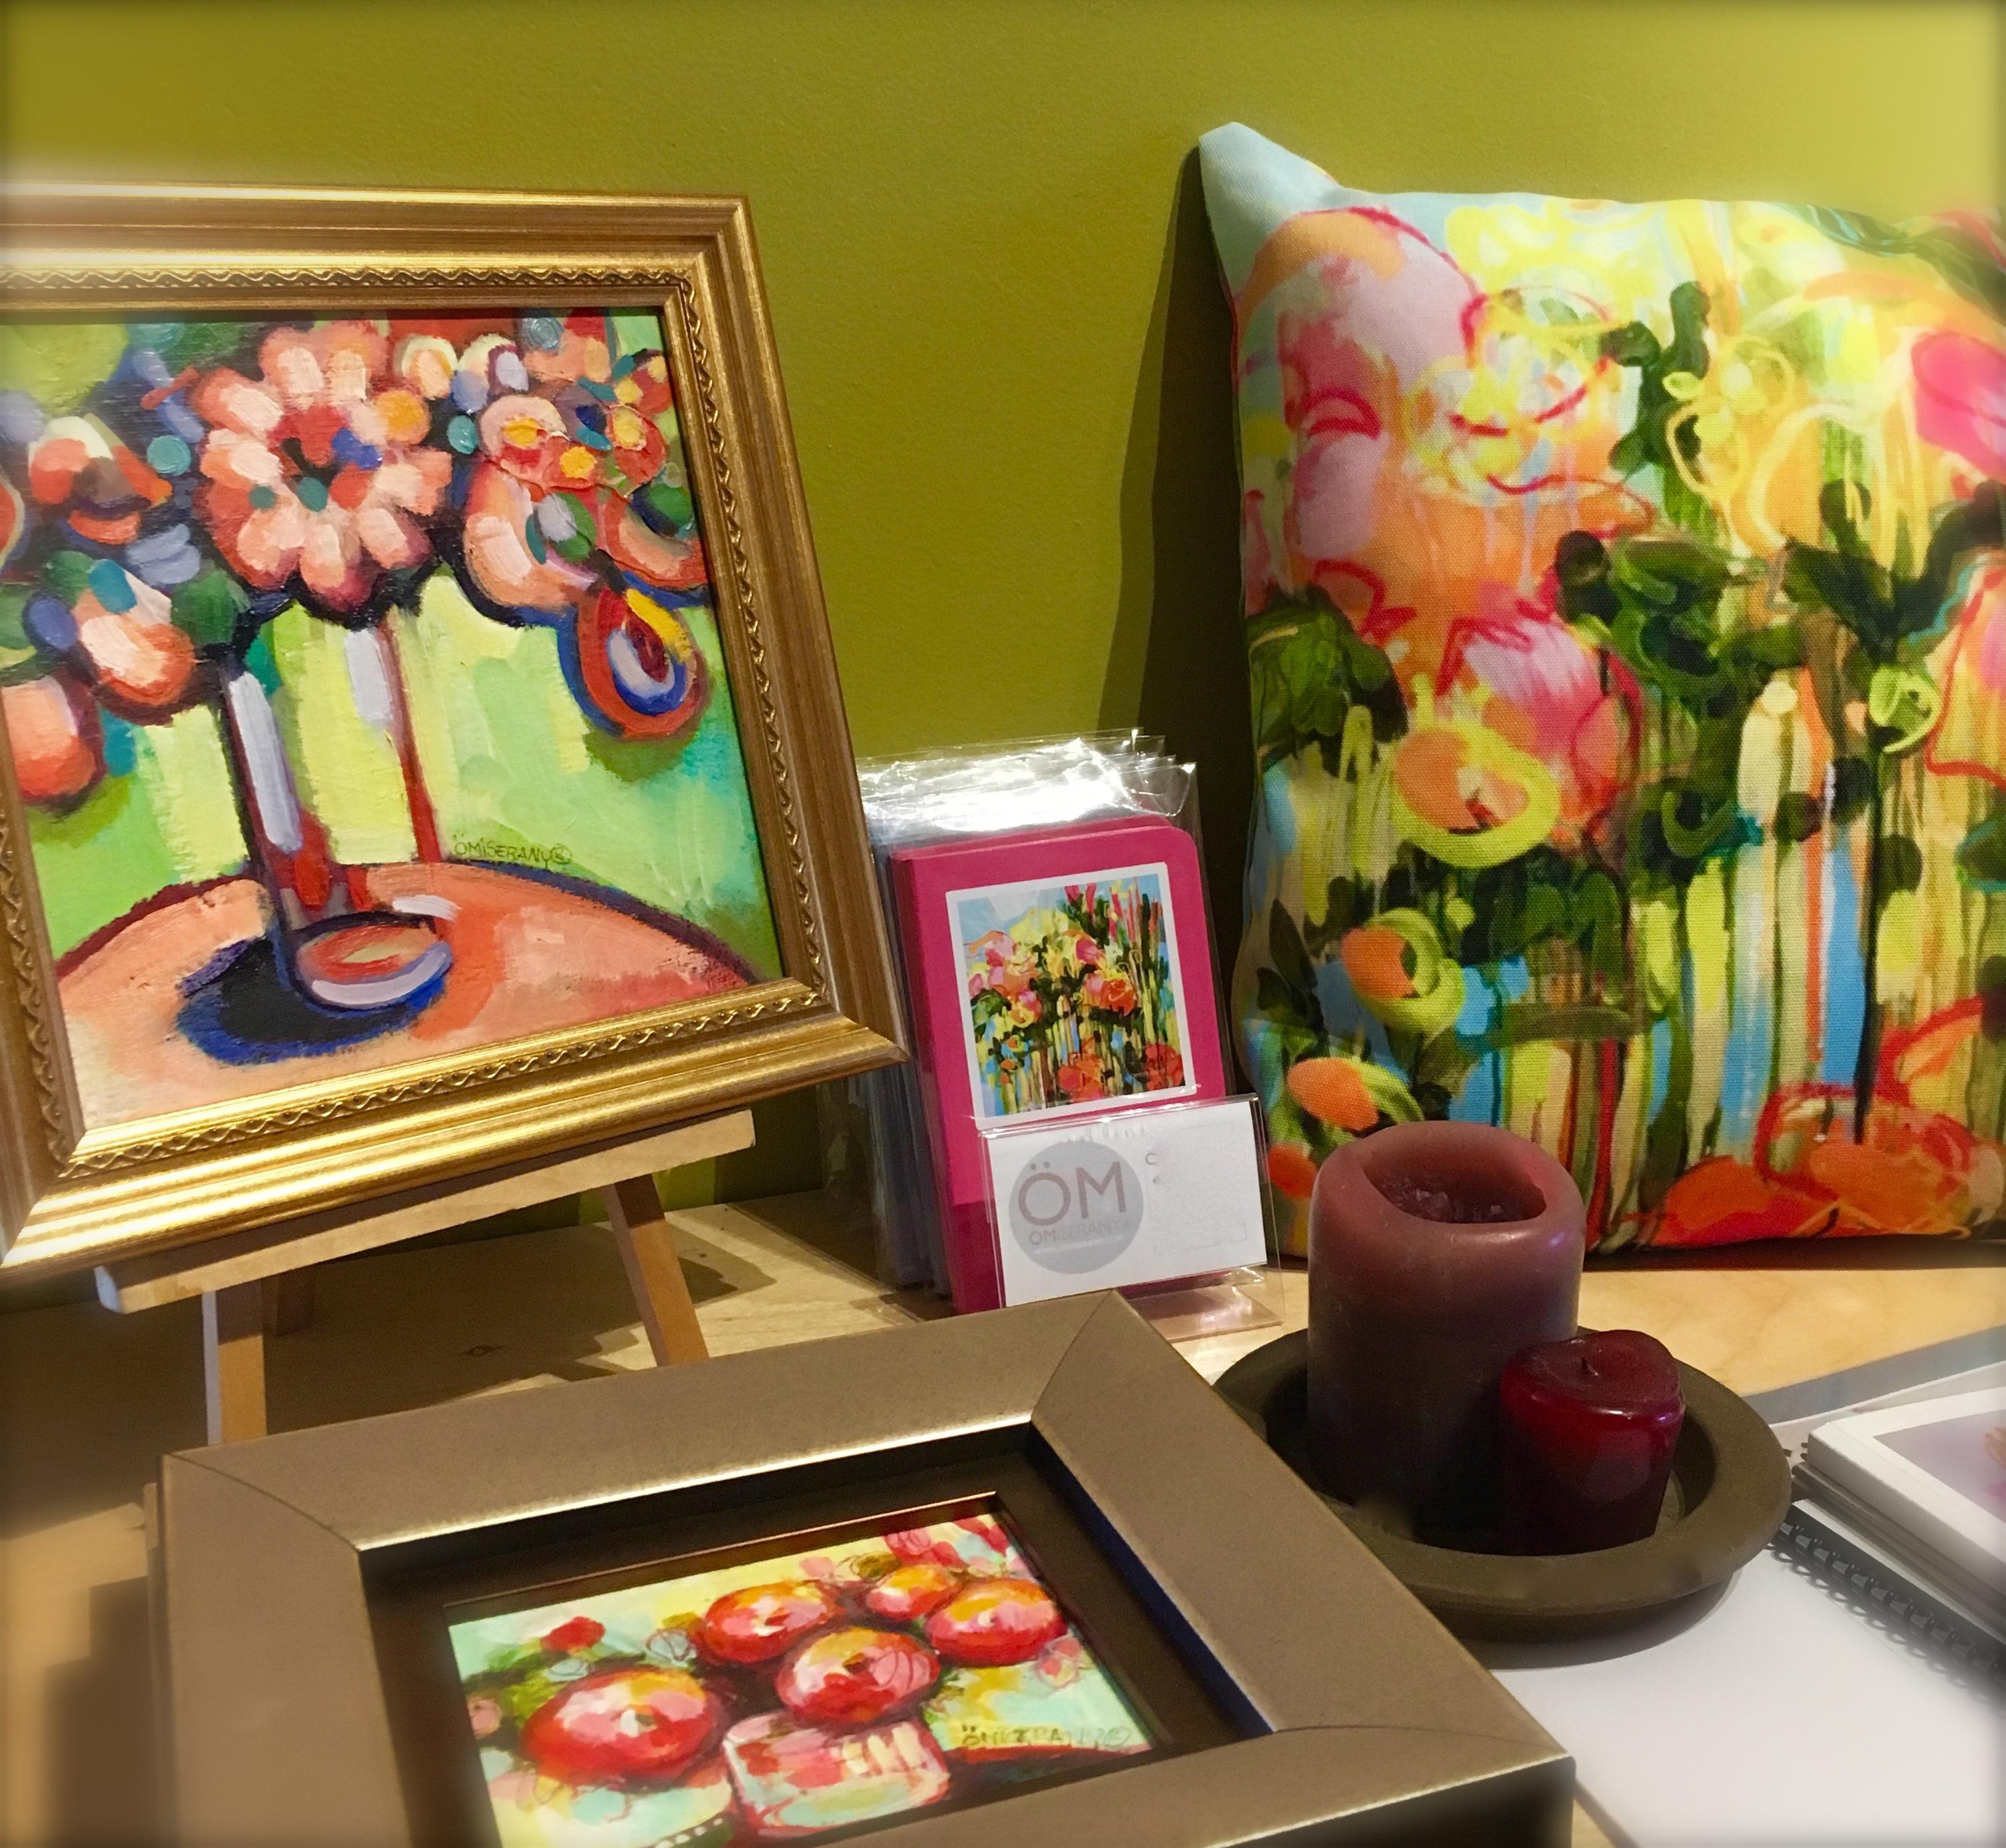 présentoirs de toile unique et de produits ÖMISERANY -3 gros plan de couleurs turquoise et rose